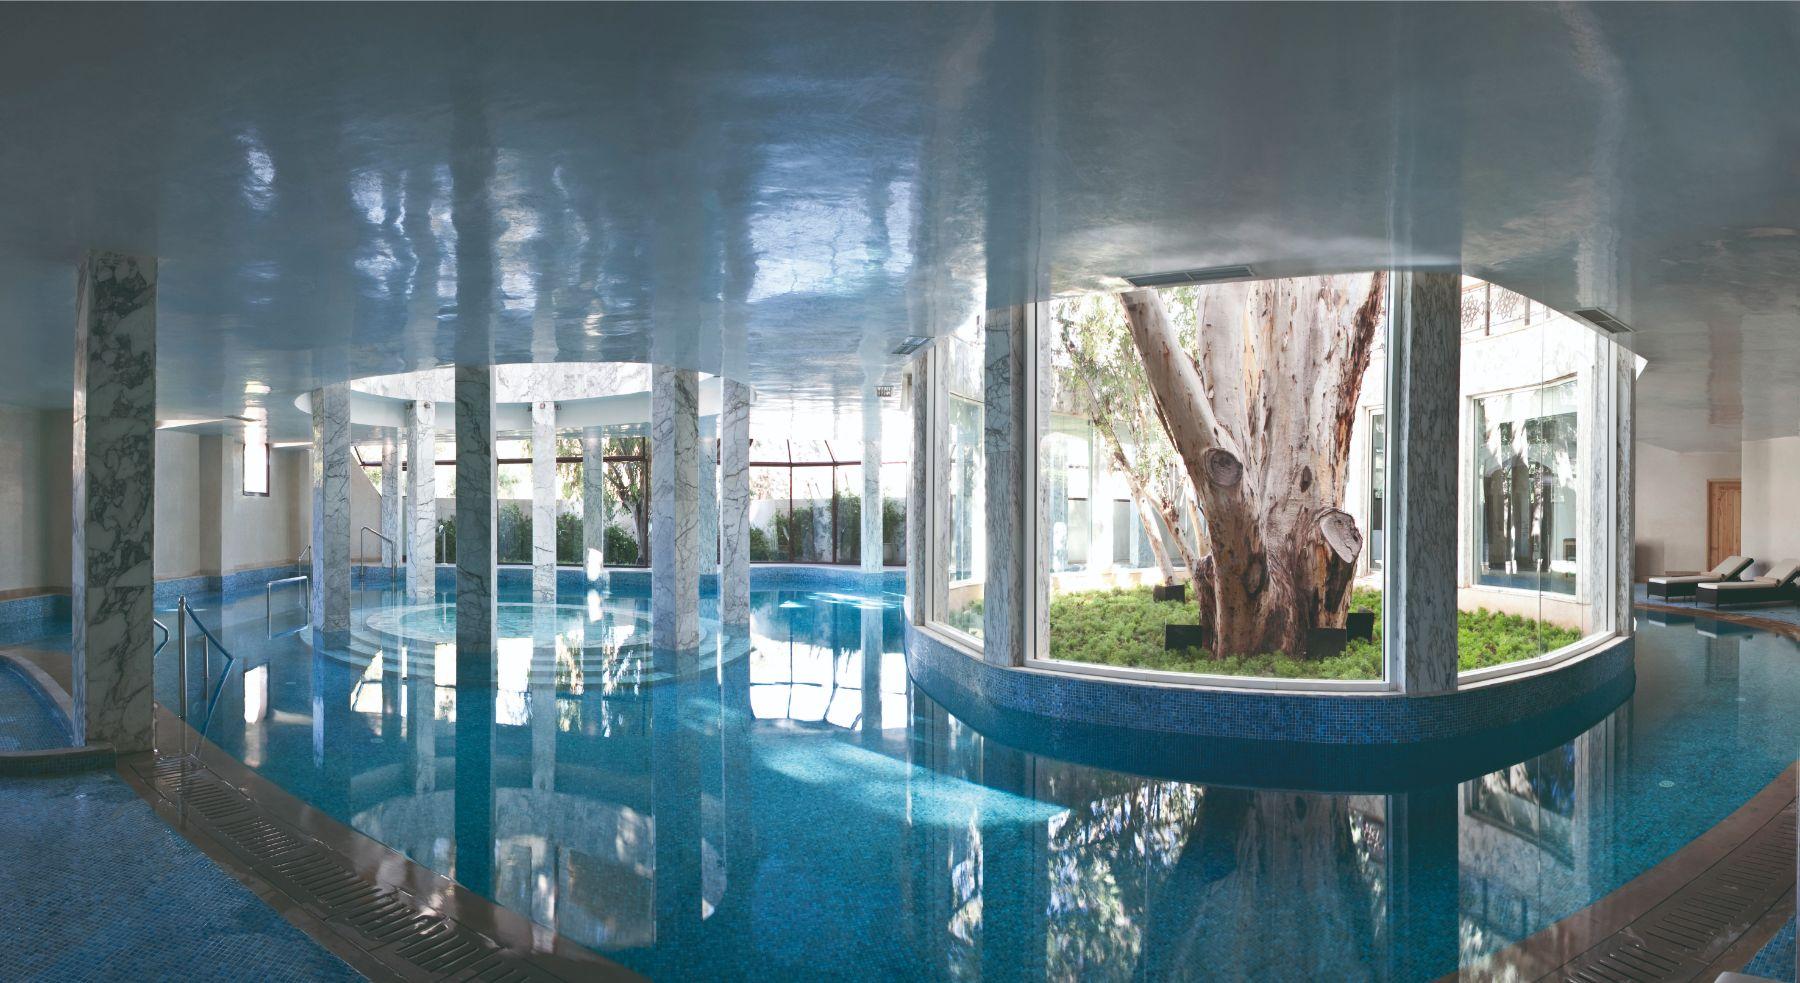 Piscines Es & Spas essaadimarrakech es saadi palace spa -piscine - morocco